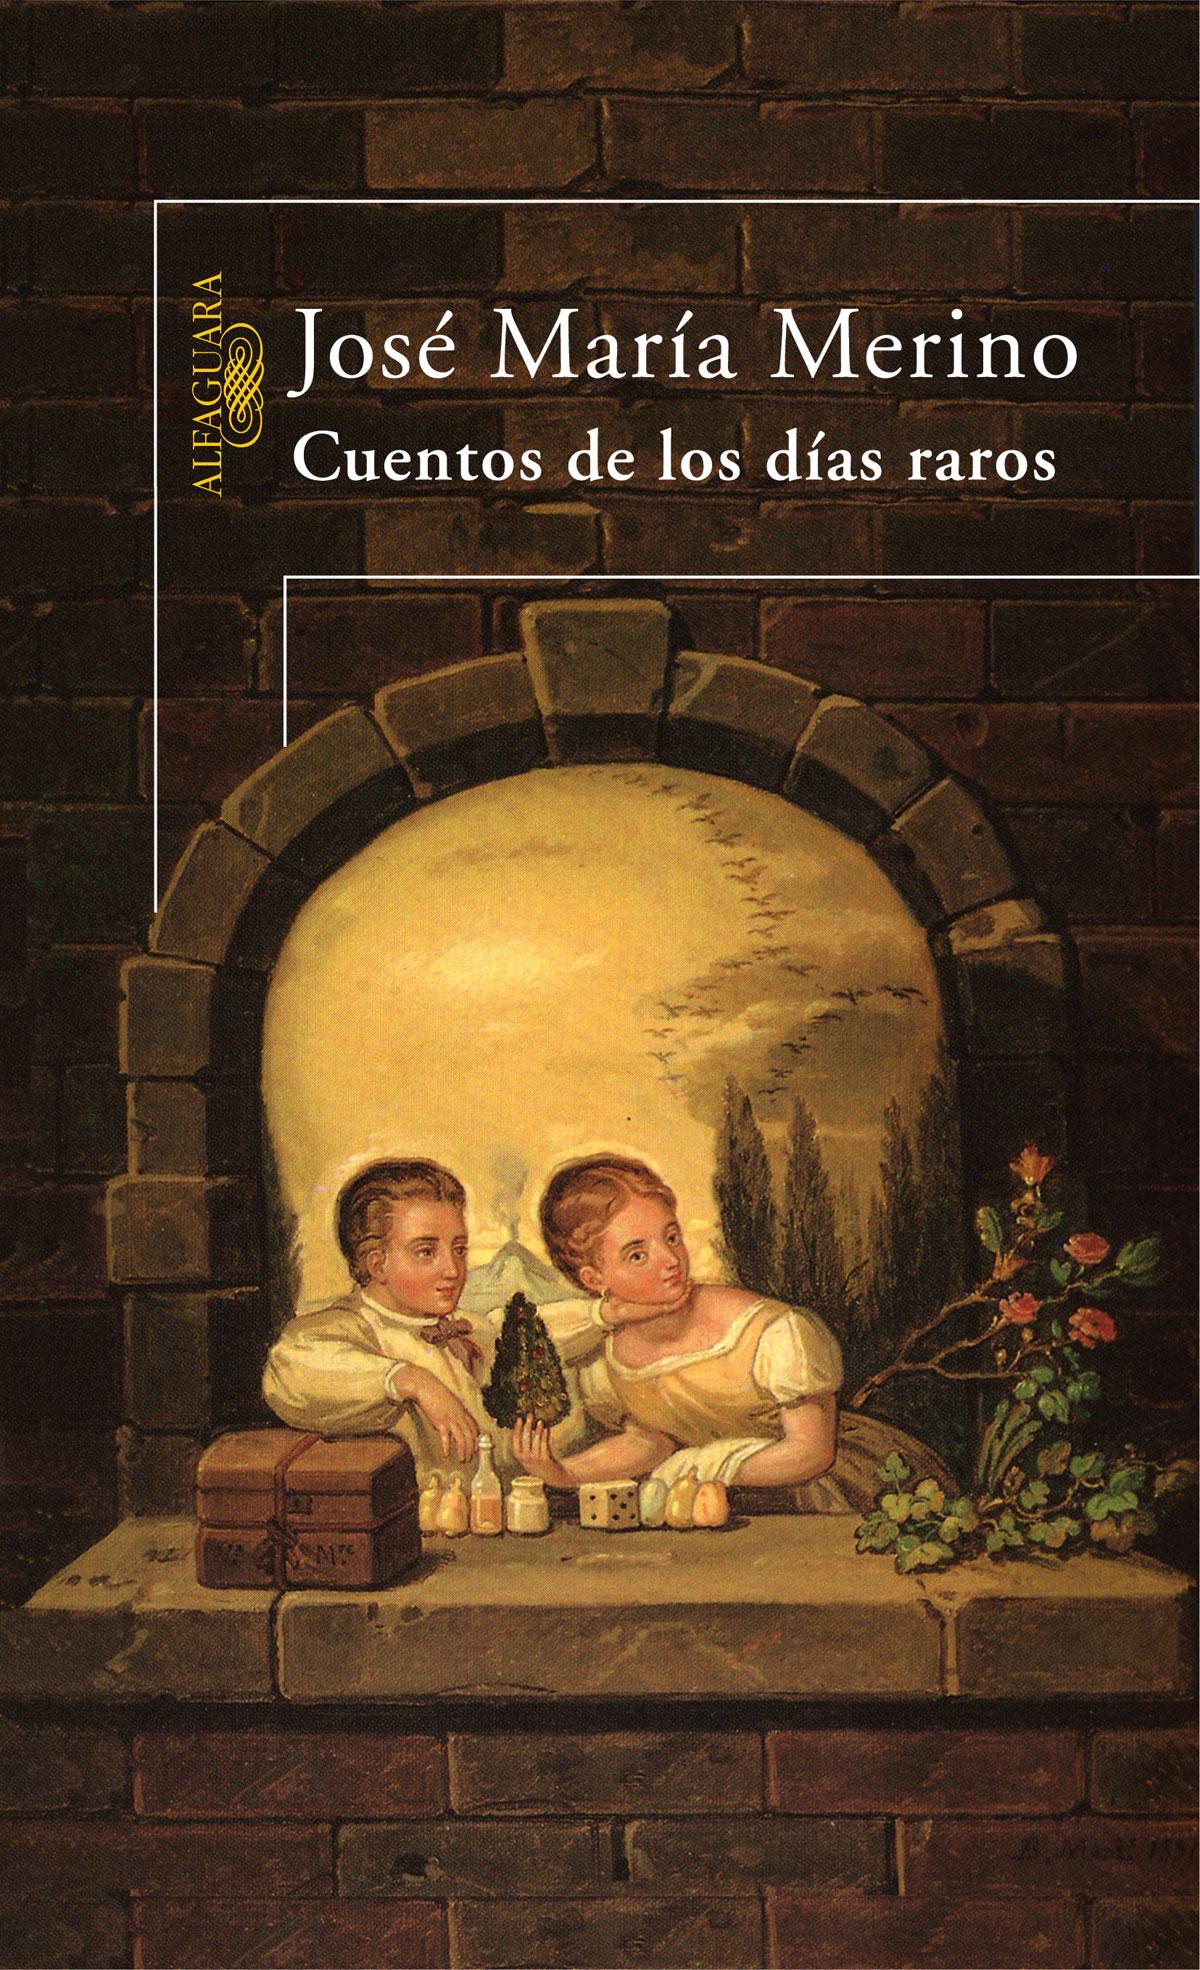 Portada del libro Cuentos de los días raros, de José María Merino